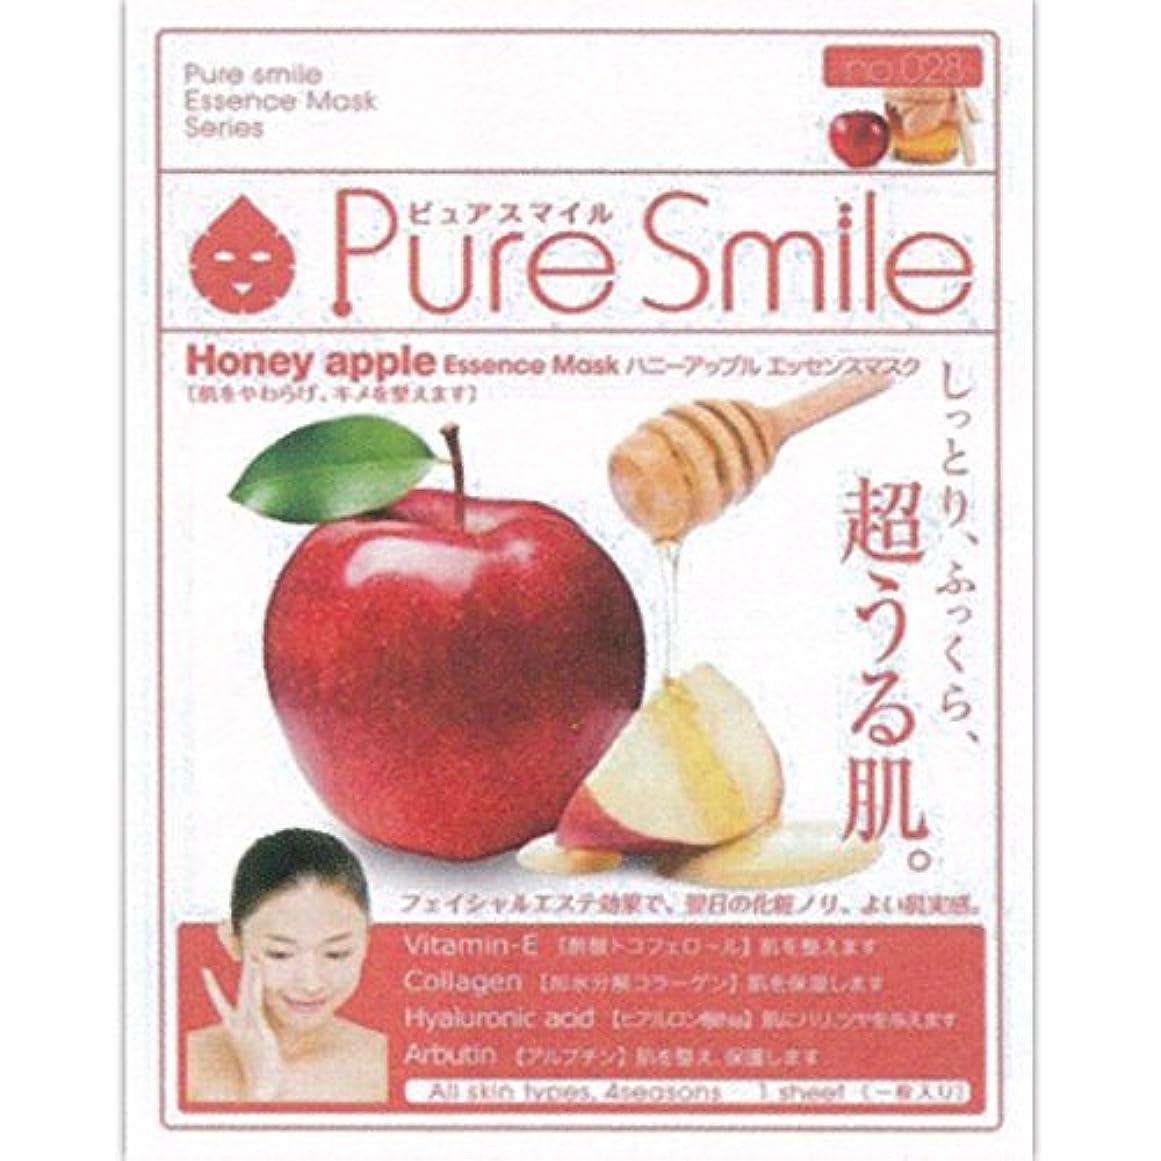 罹患率担当者ましいPure Smile(ピュアスマイル) エッセンスマスク 『ハニーアップル』 FACE-MASK-028-1